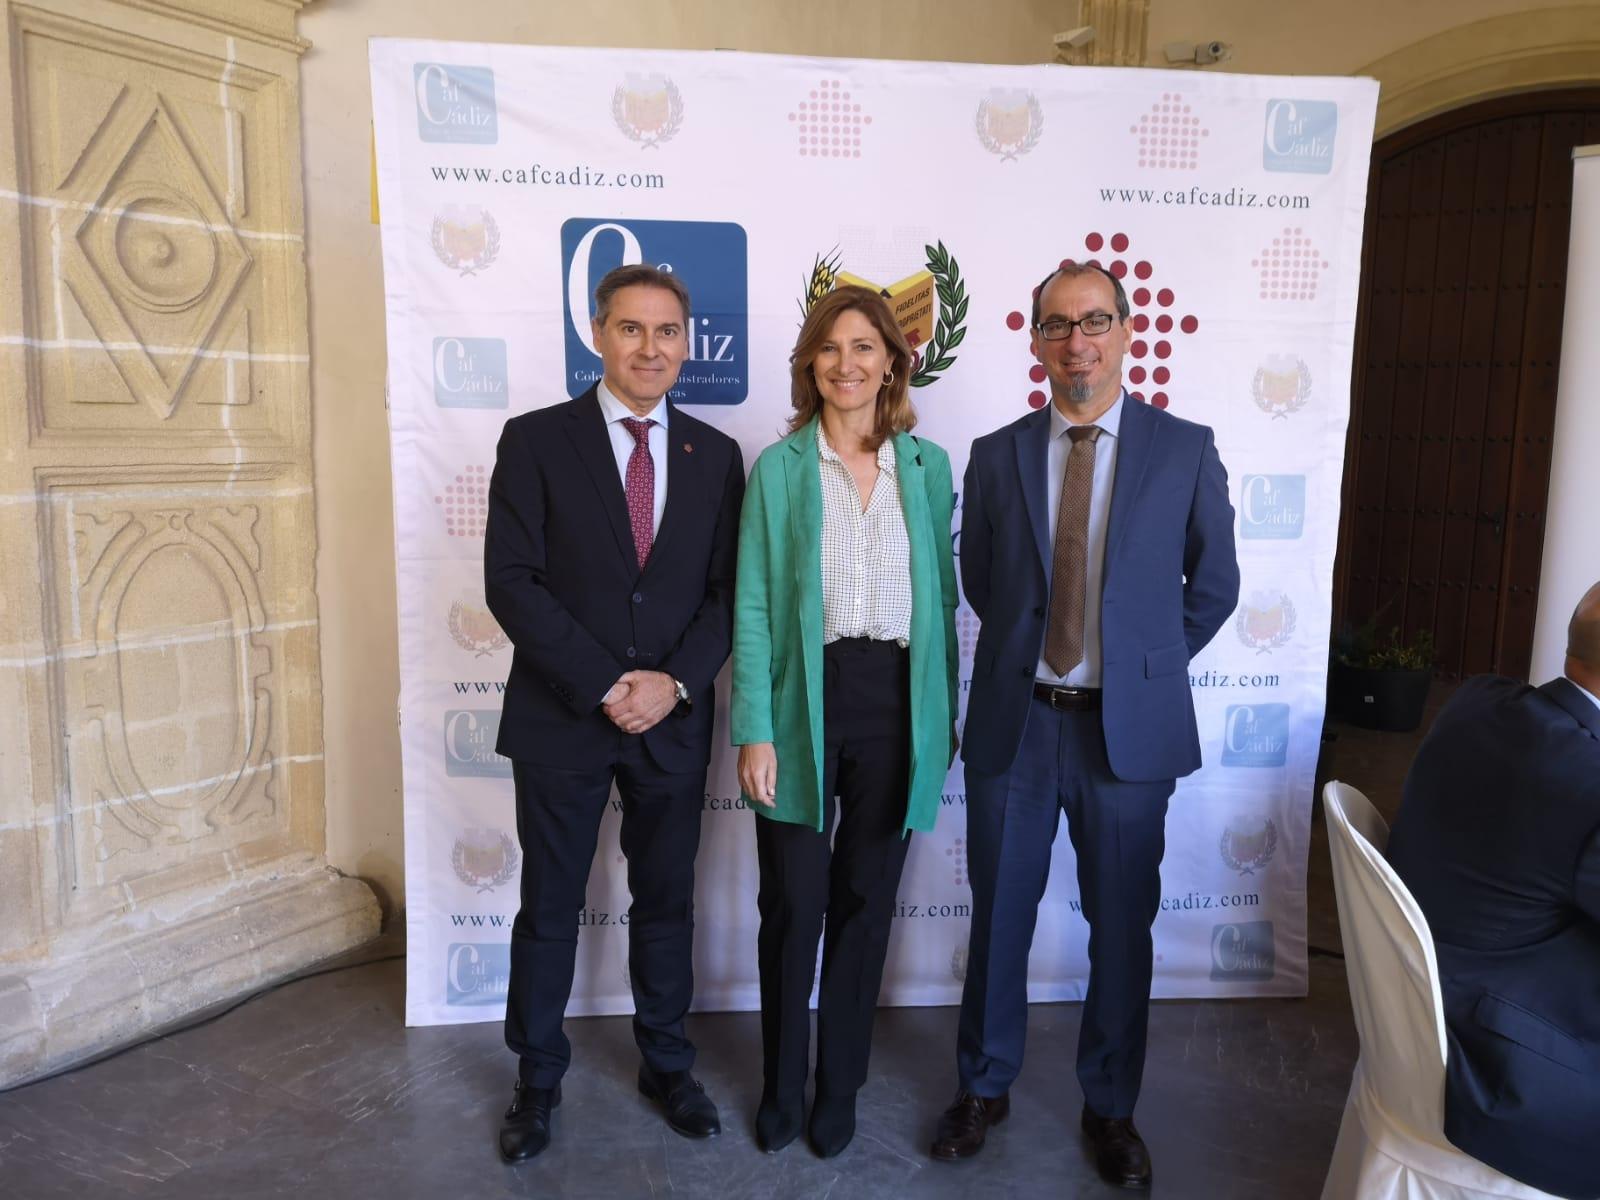 Juan Federico Gallardo junto a Alicia Martínez, Secretaria General de Vivienda de la Junta de Andalucía, y José Feria, Presidente del CAF Sevilla.